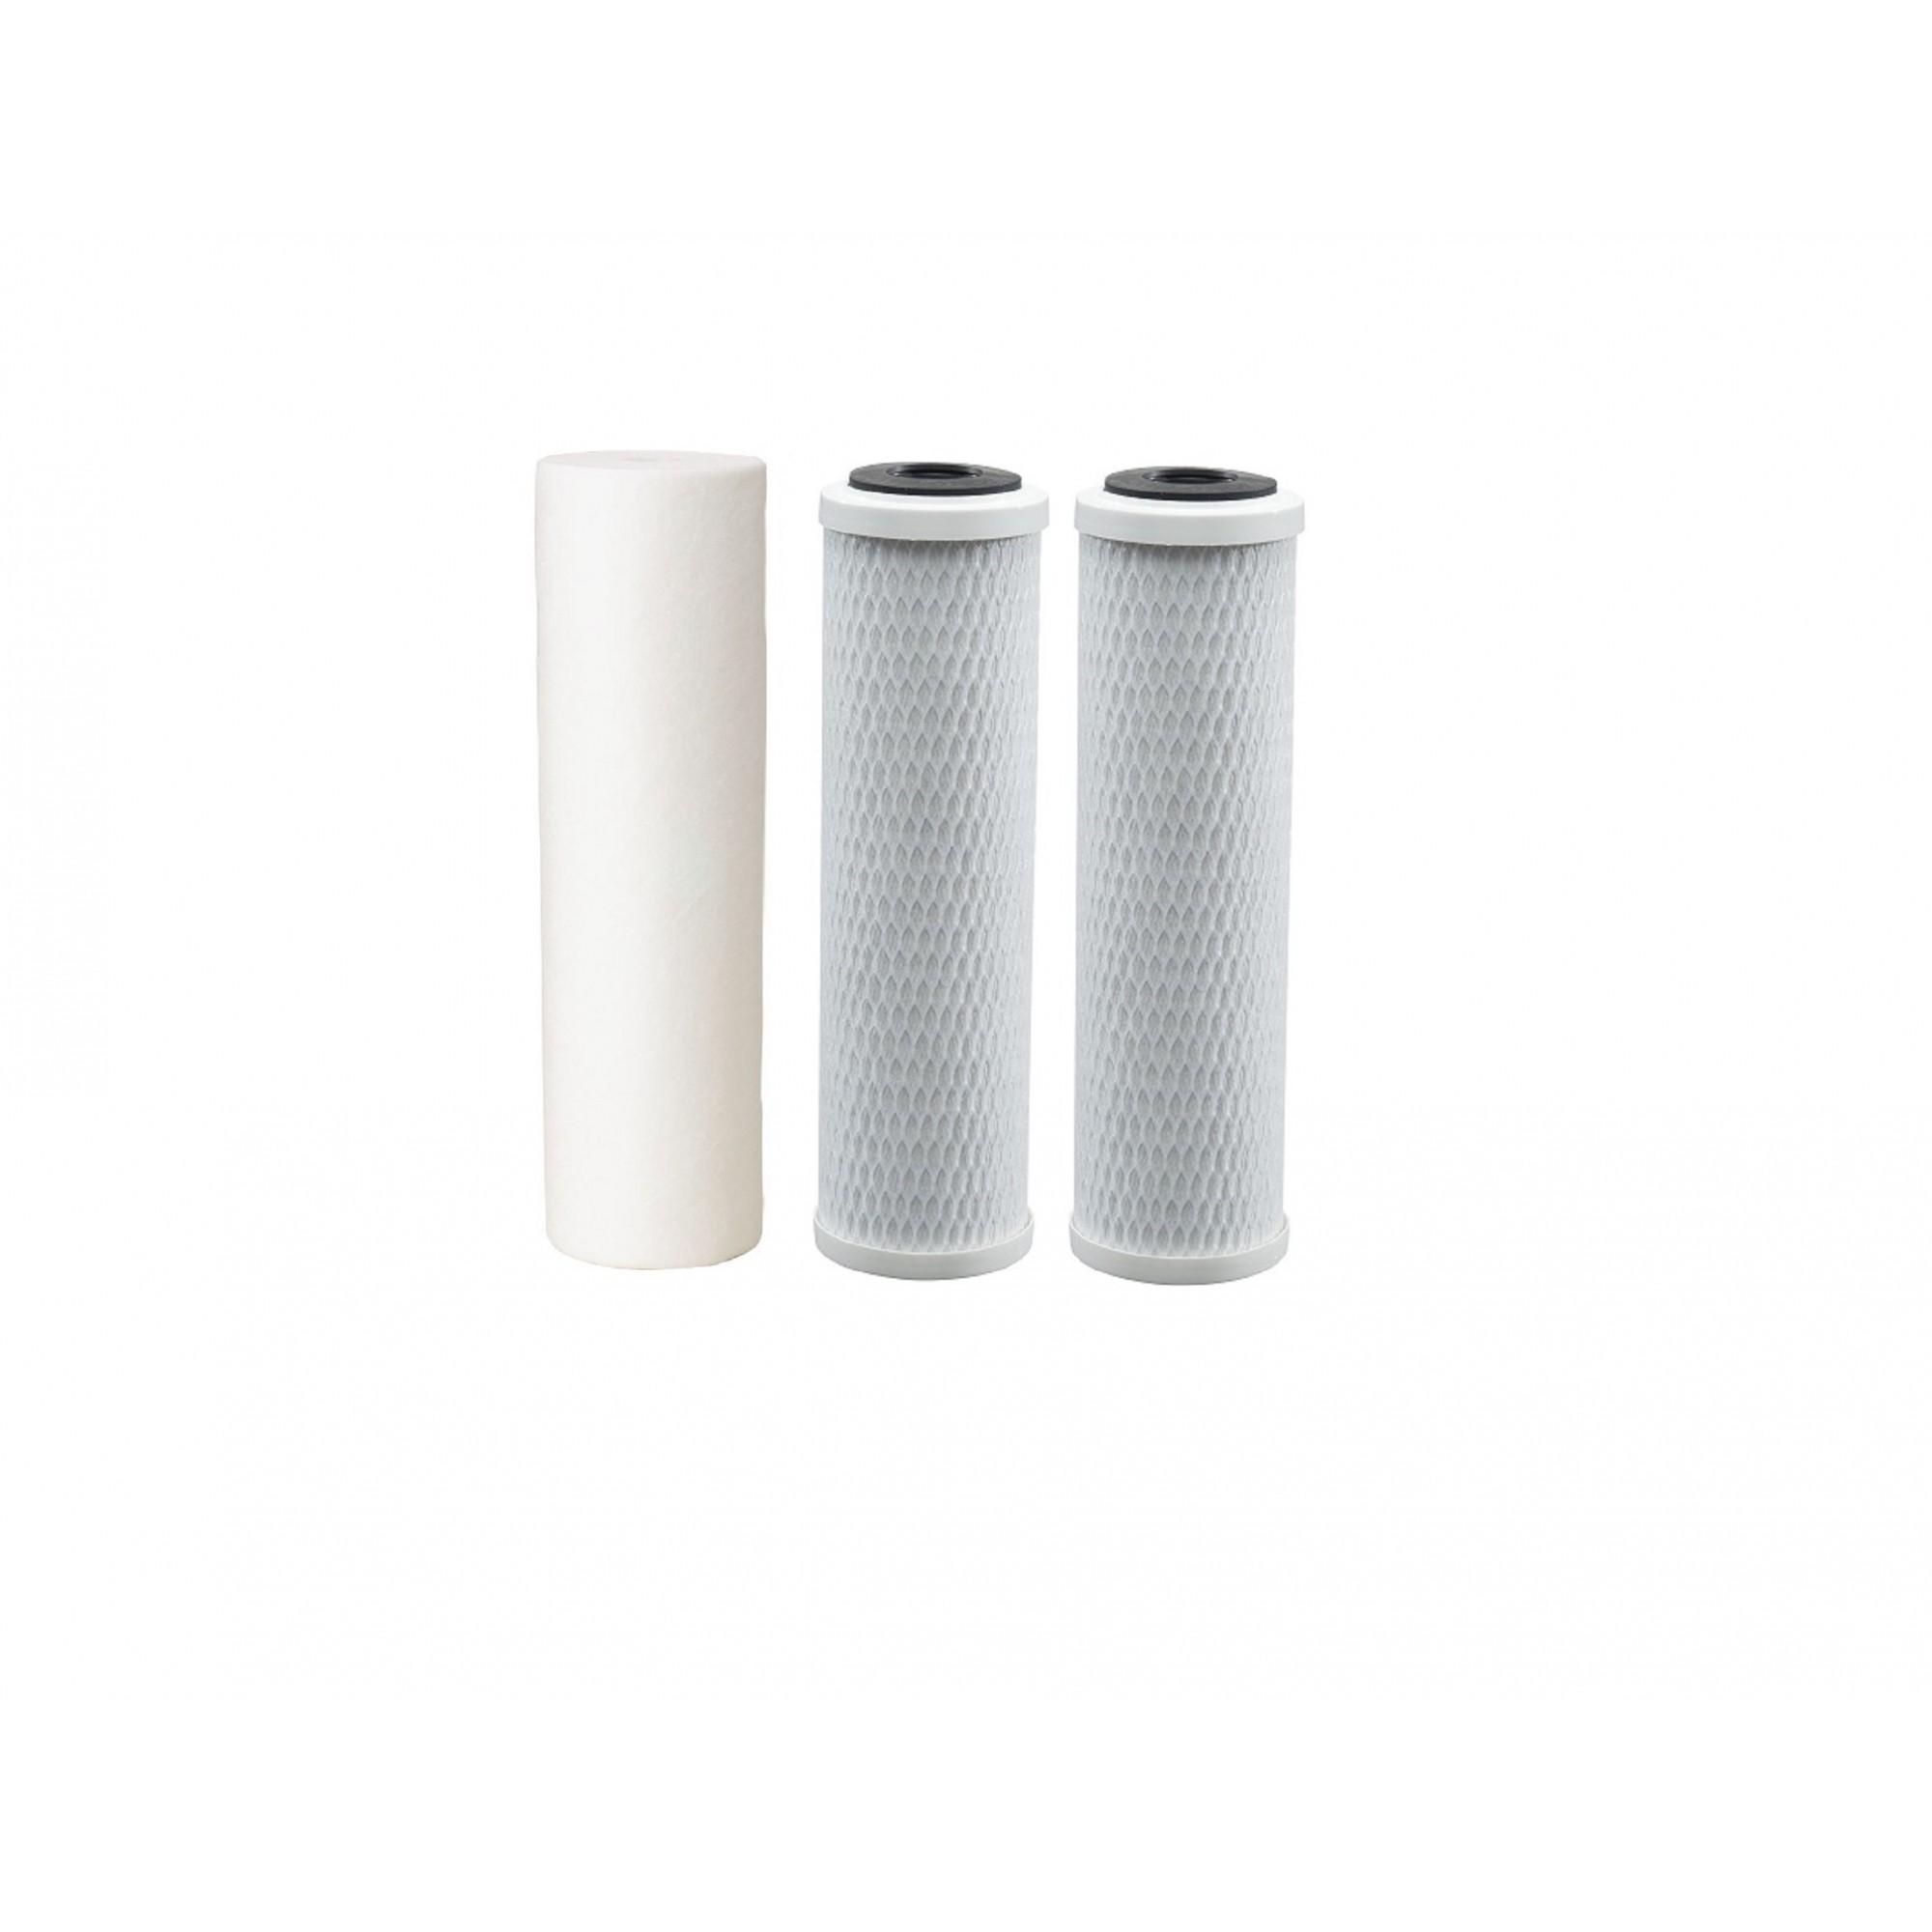 Kit Filtro Triplo para filtragem de água para fabricação de cerveja artesanal TR/BR - 10